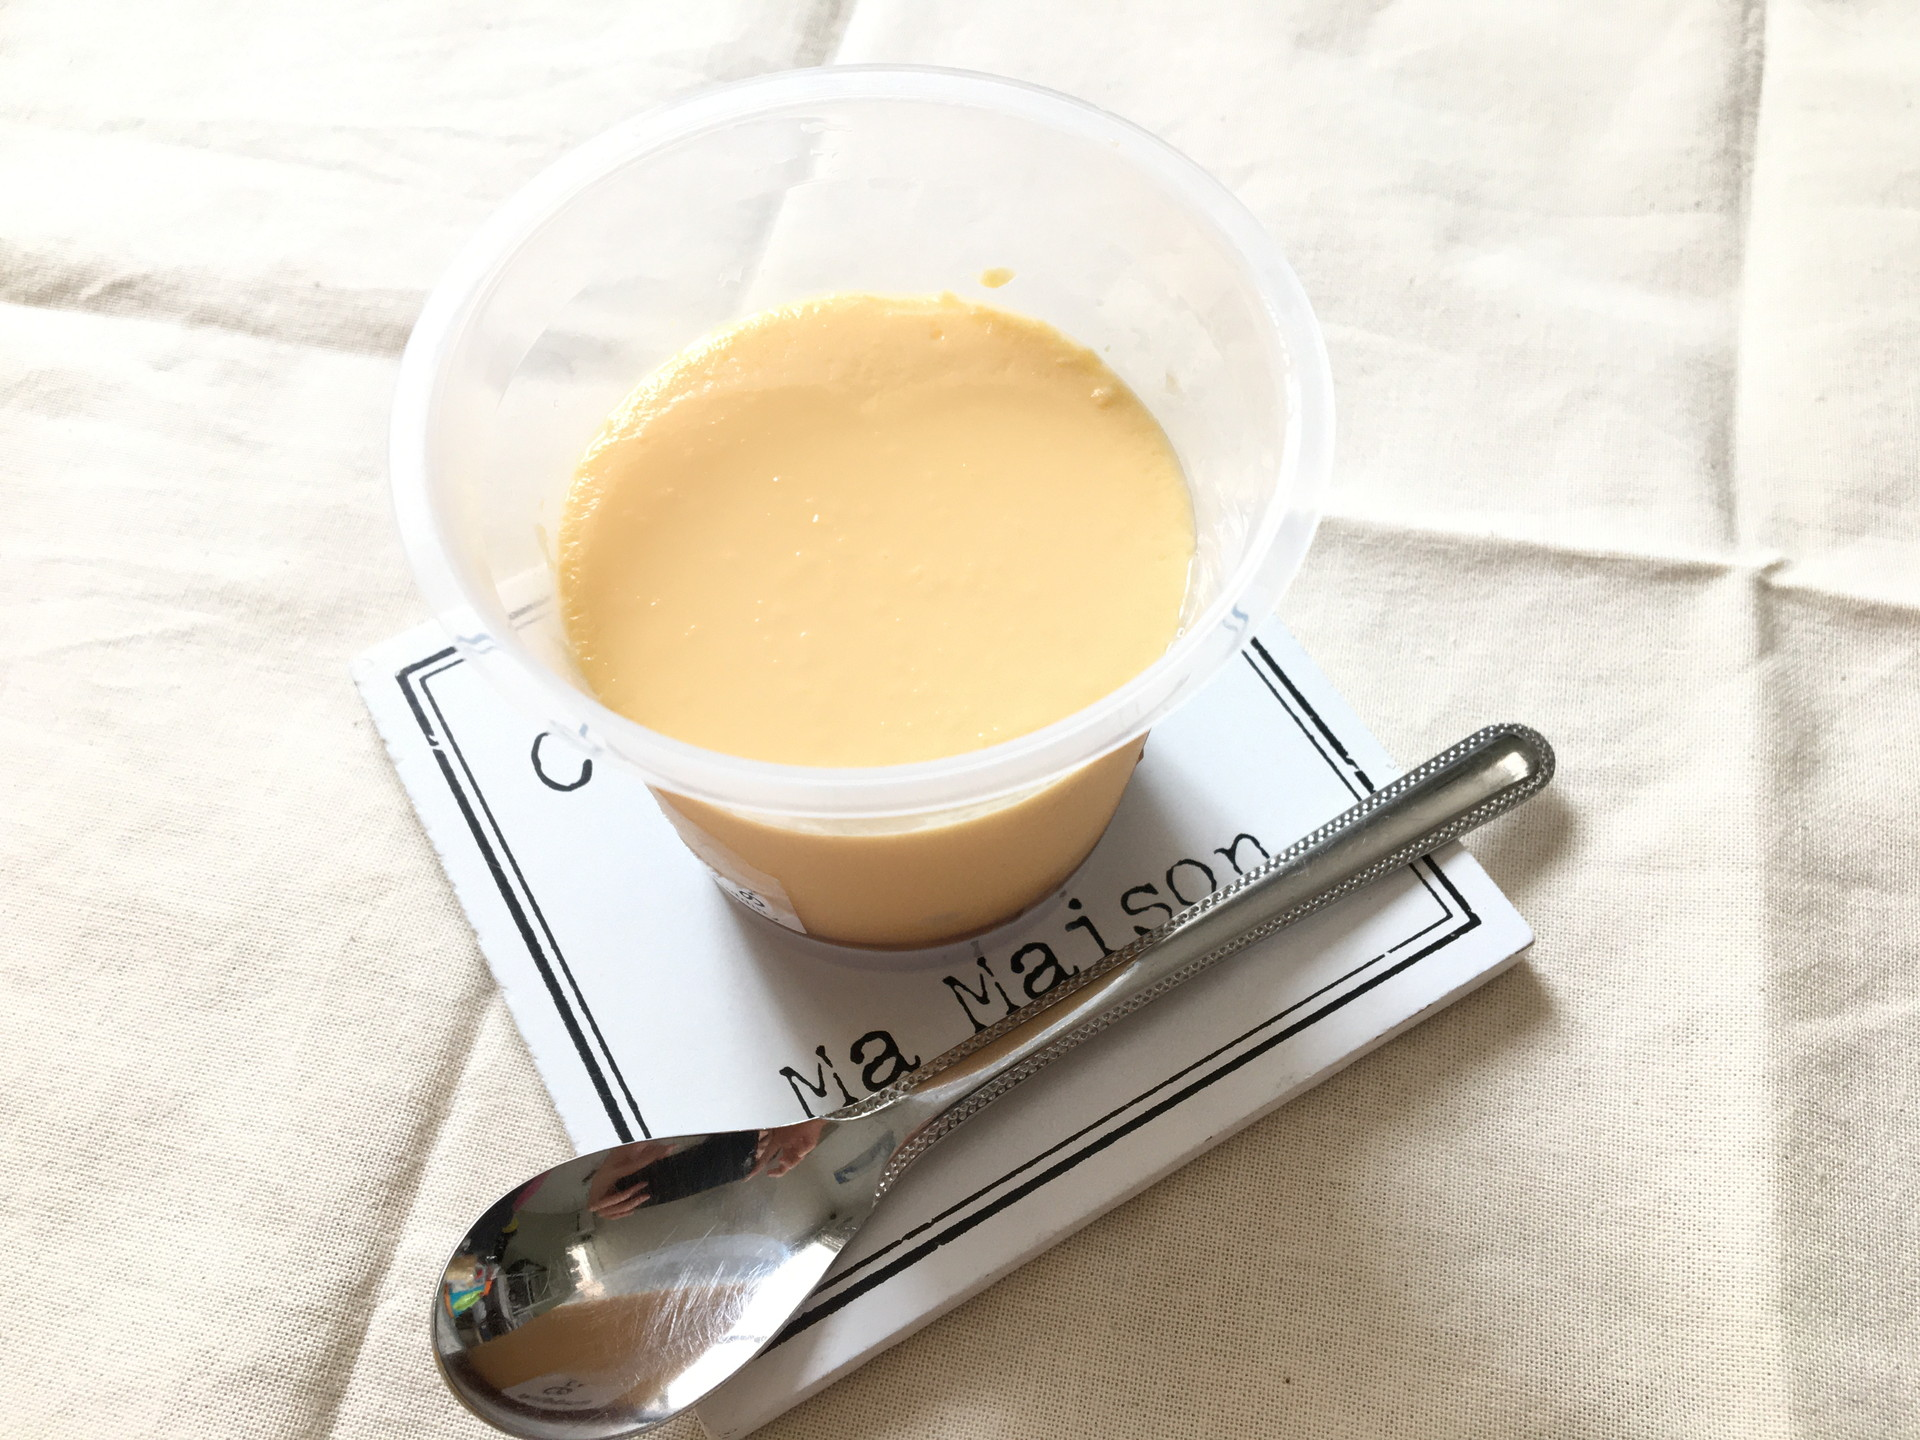 【セブン】濃厚な卵黄の風味!昔ながらの味「きみだけのプリン」